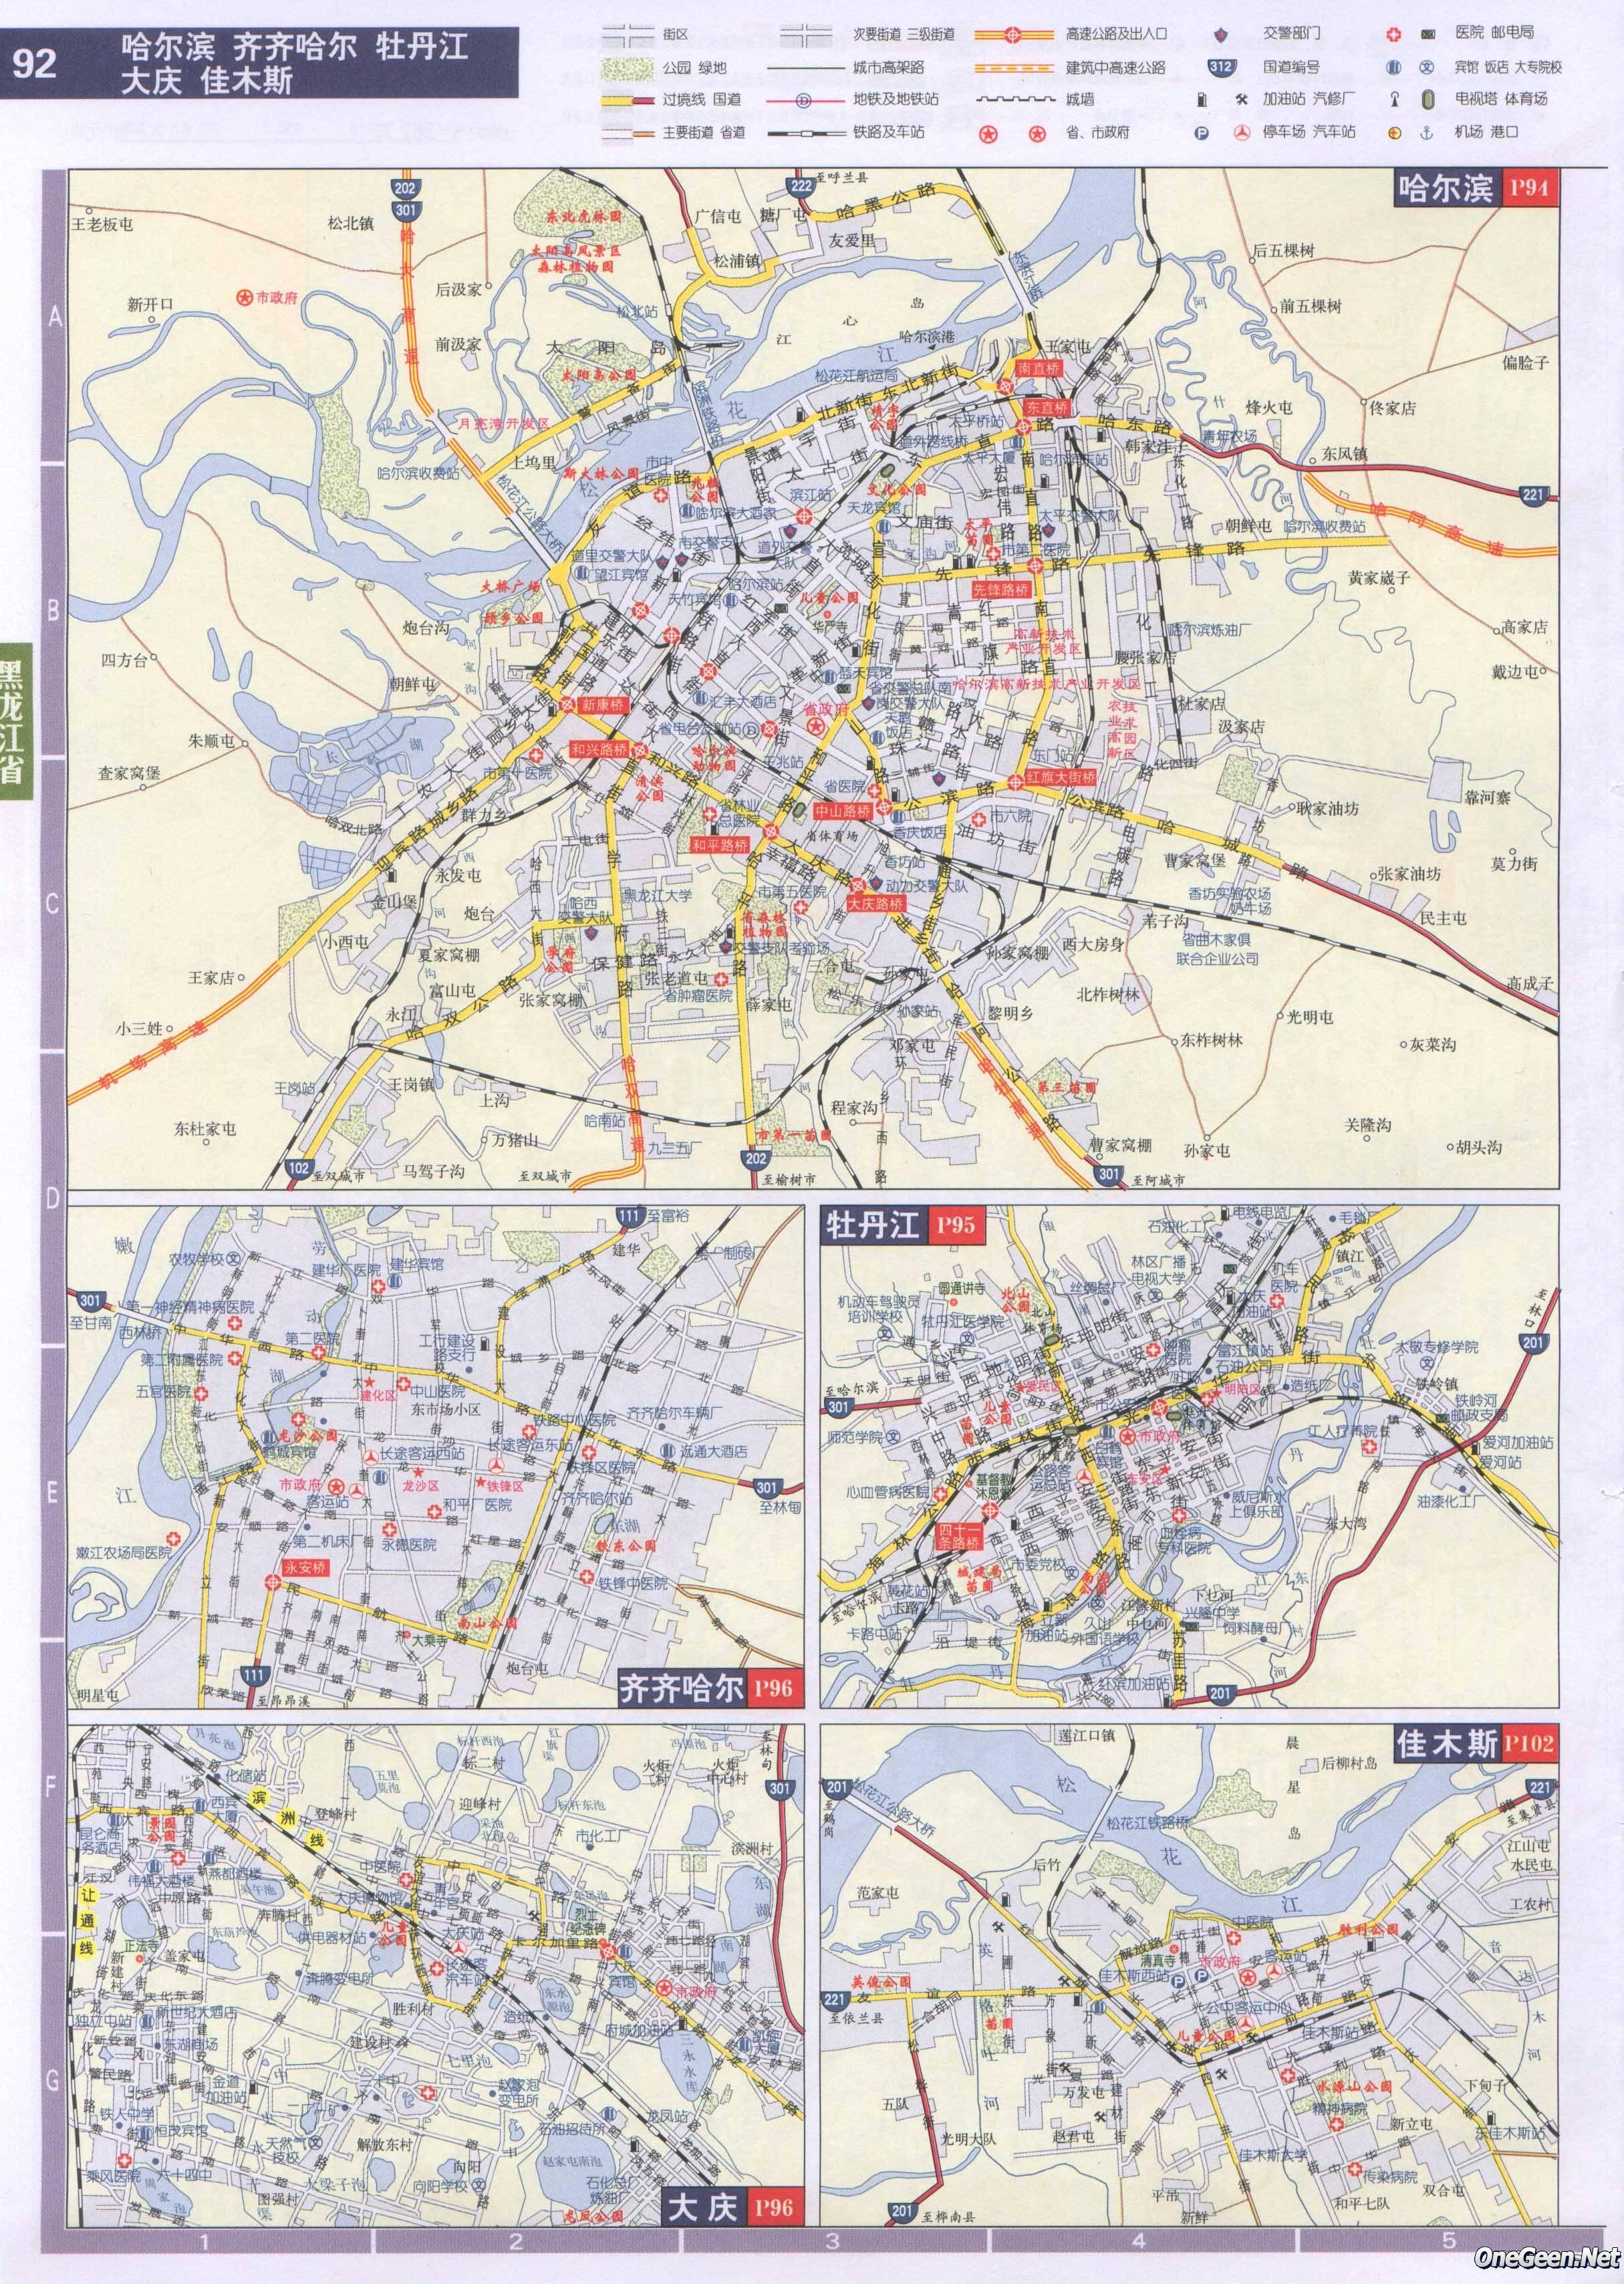 哈尔滨 齐齐哈尔/黑龙江哈尔滨齐齐哈尔牡丹江大庆佳木斯交通地图